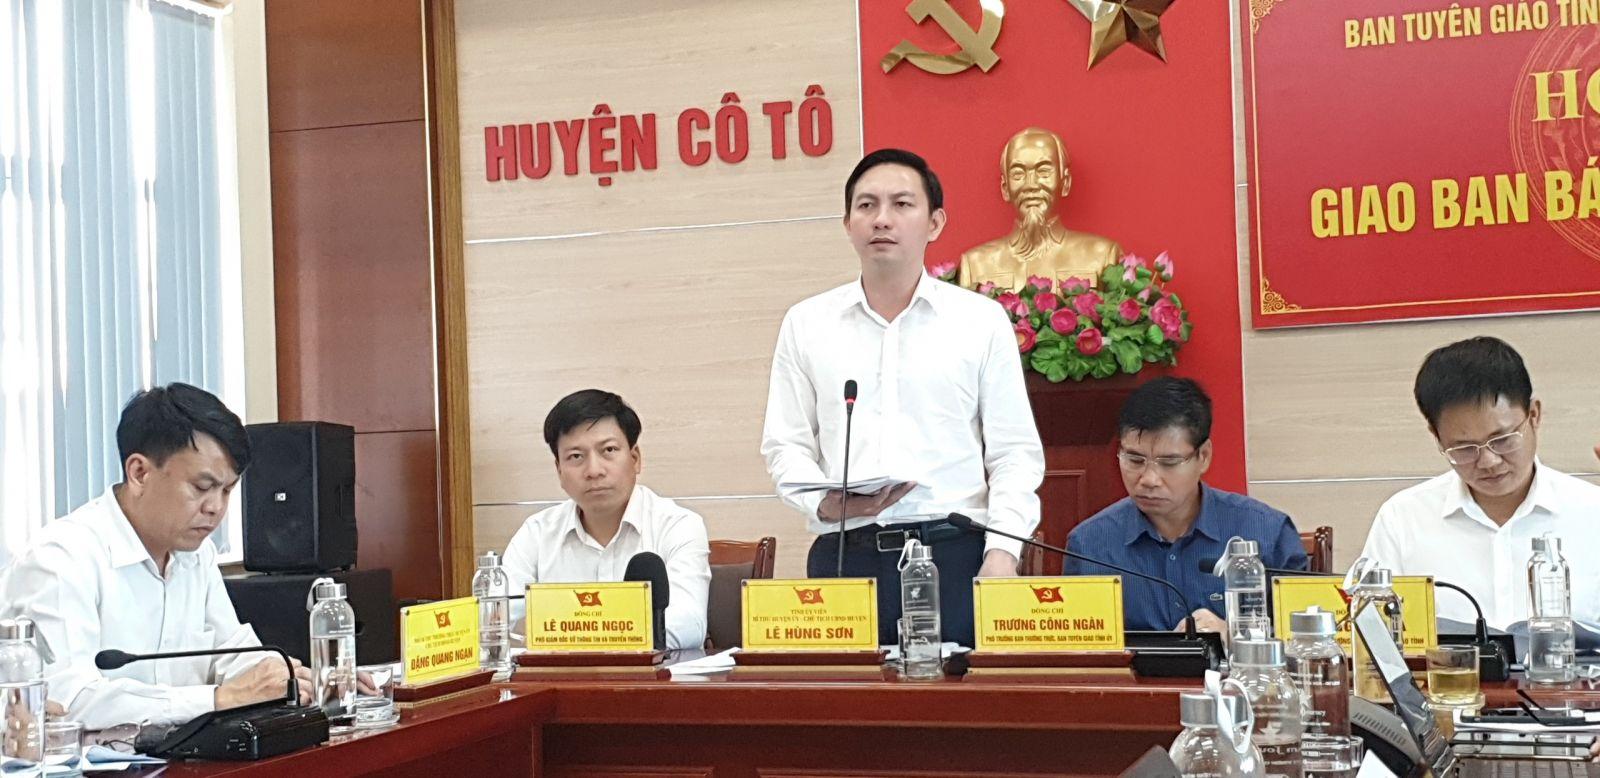 Ông Lê Hùng Sơn – Bí thư, Chủ tịch UBND huyện Cô Tô trao đổi với các cơ quan báo chí tại hội nghị.